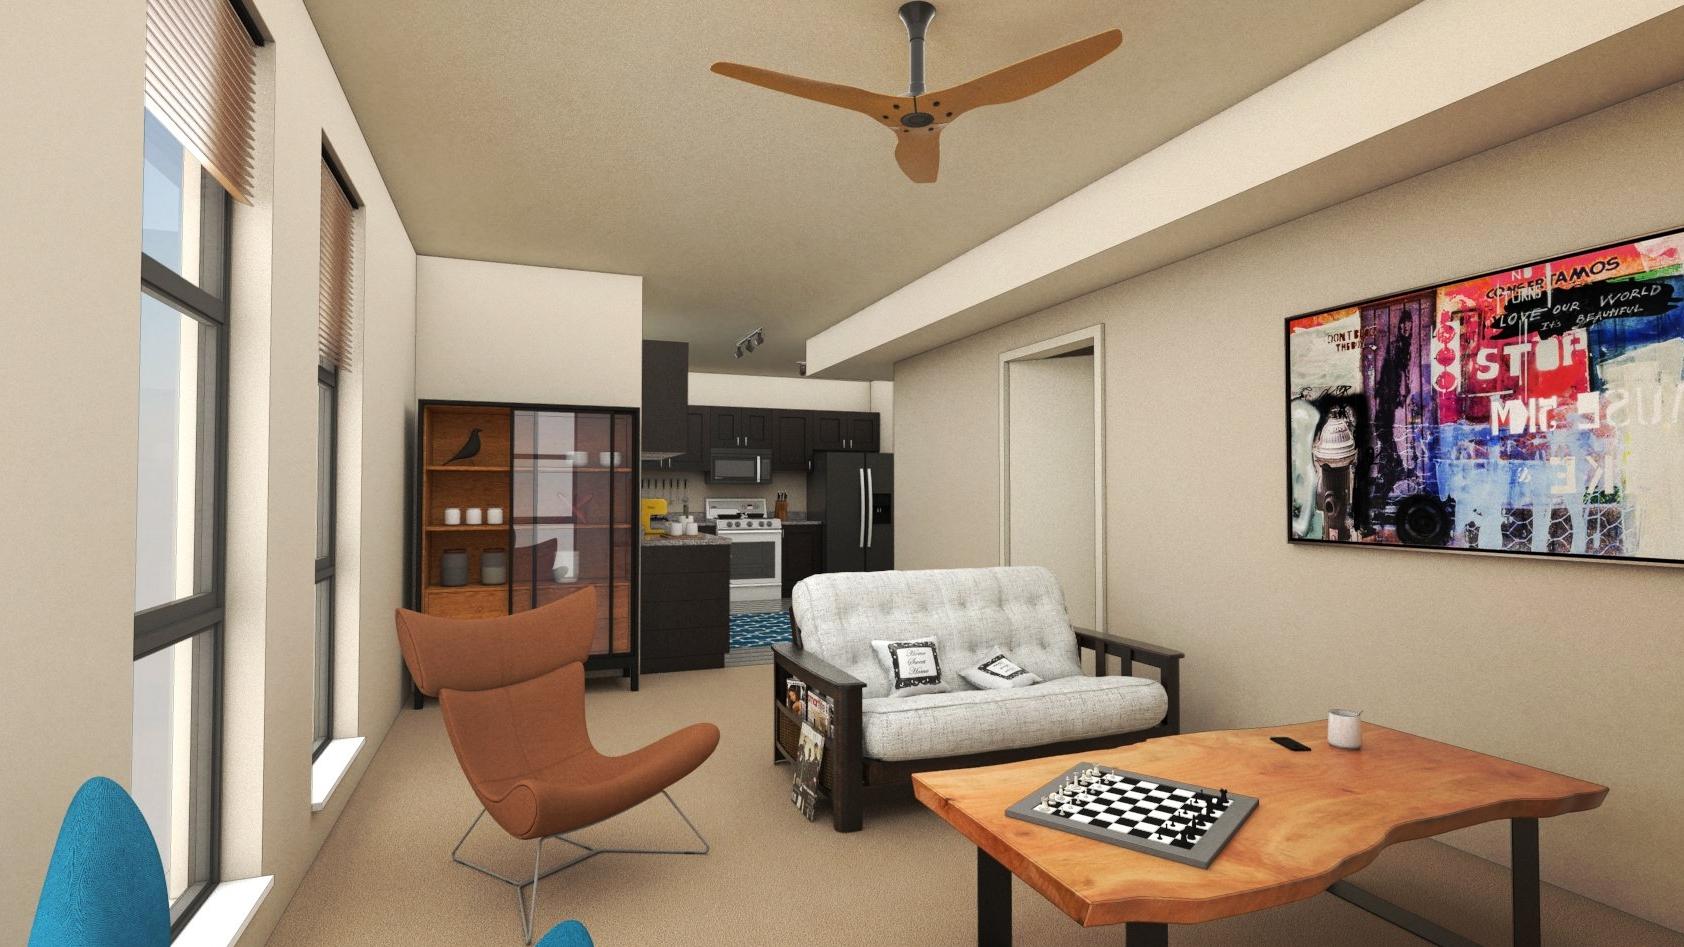 4 Bedroom - Interior View.jpg